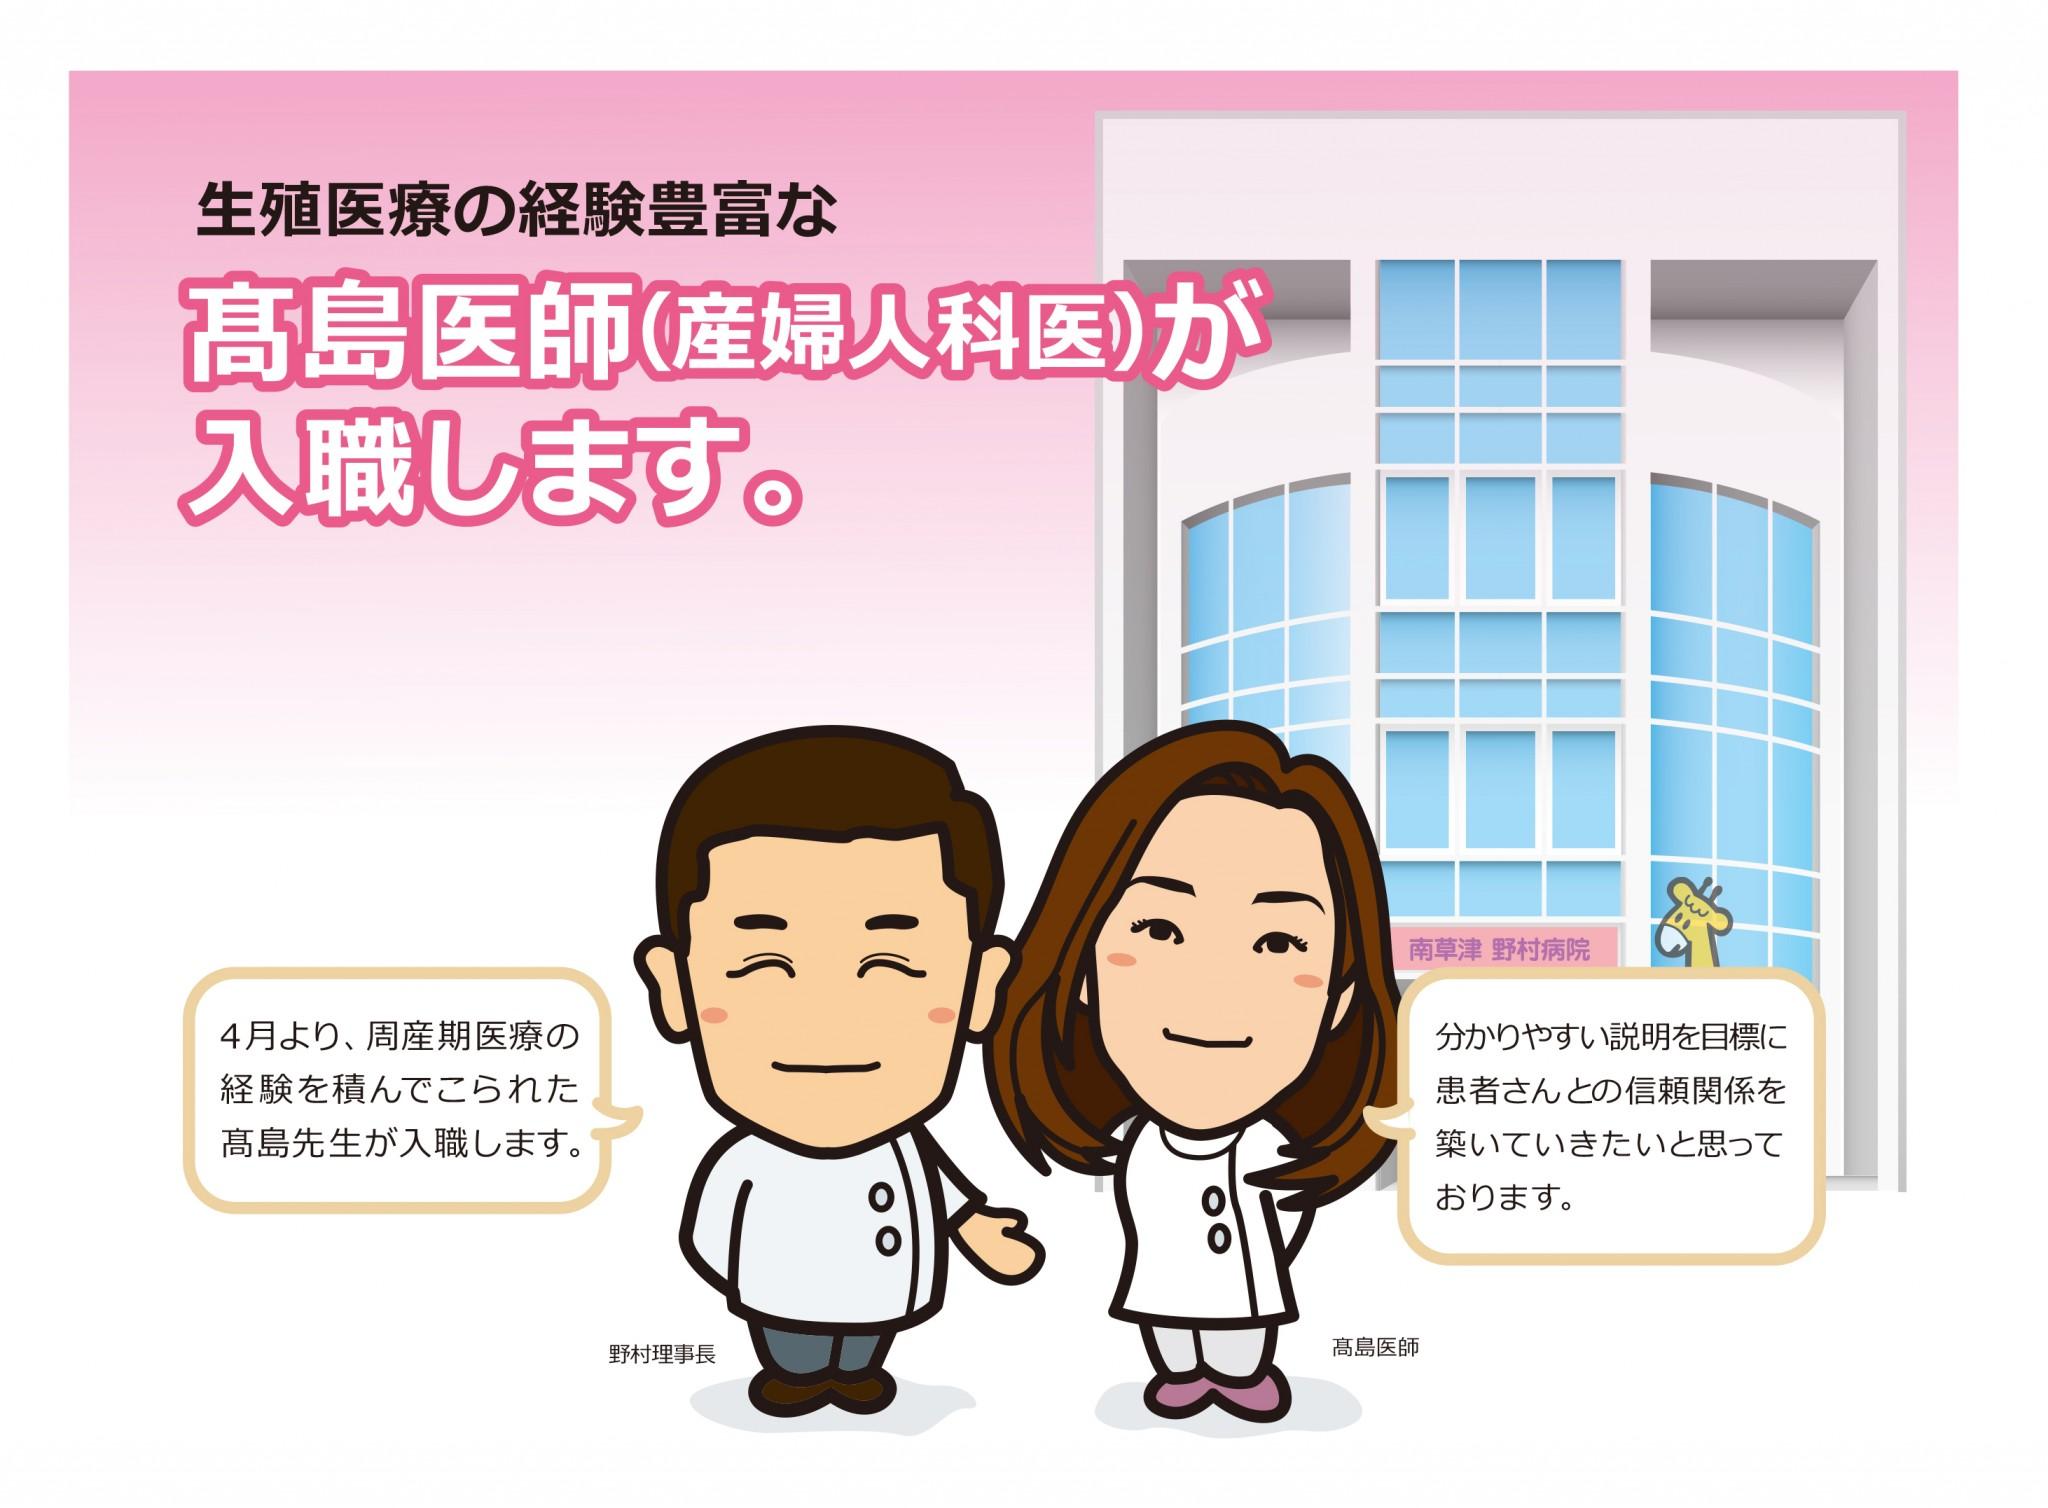 bms_info_takashima01